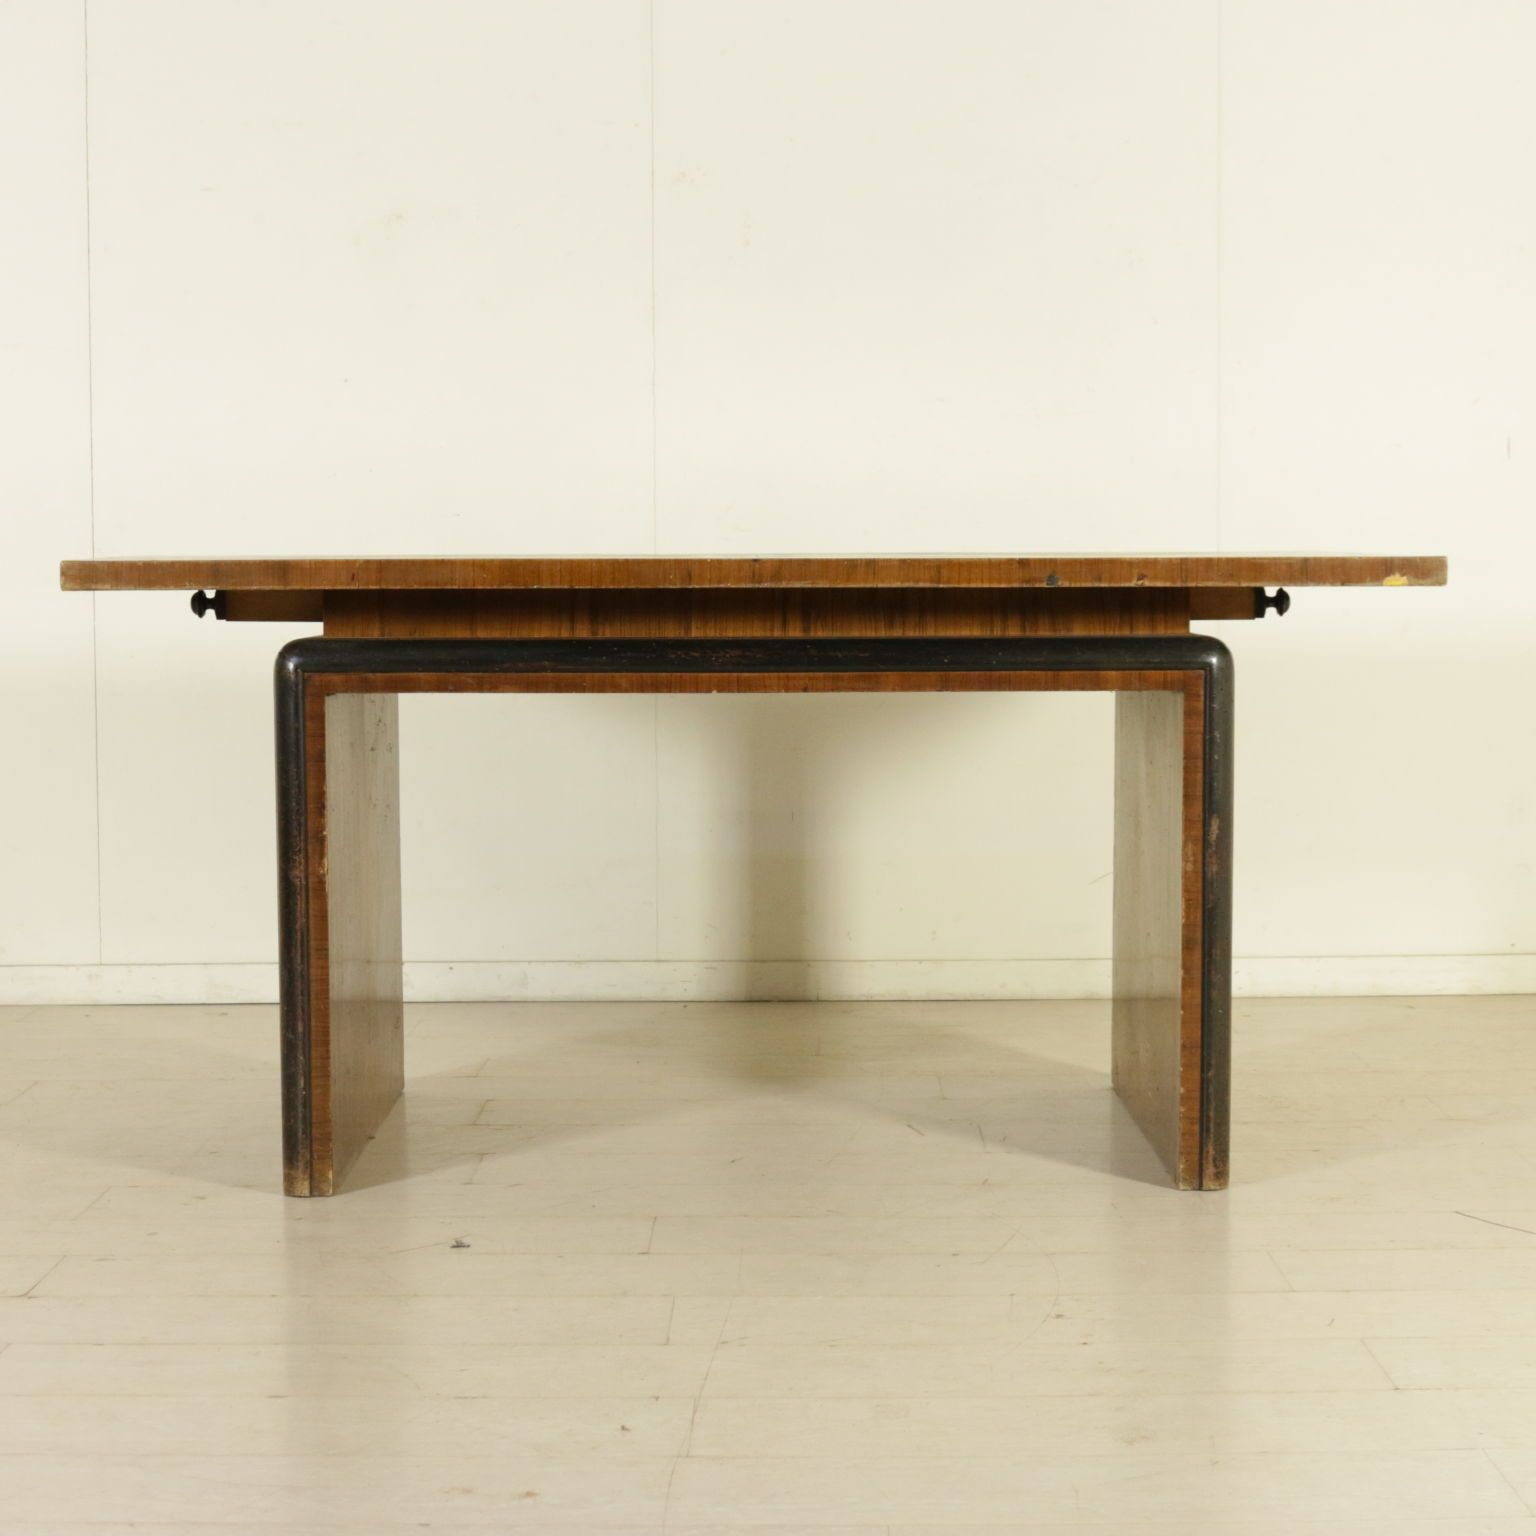 Tavolo Pranzo Art Deco tavolo decò - fronte | tavolo, idee per decorare la casa